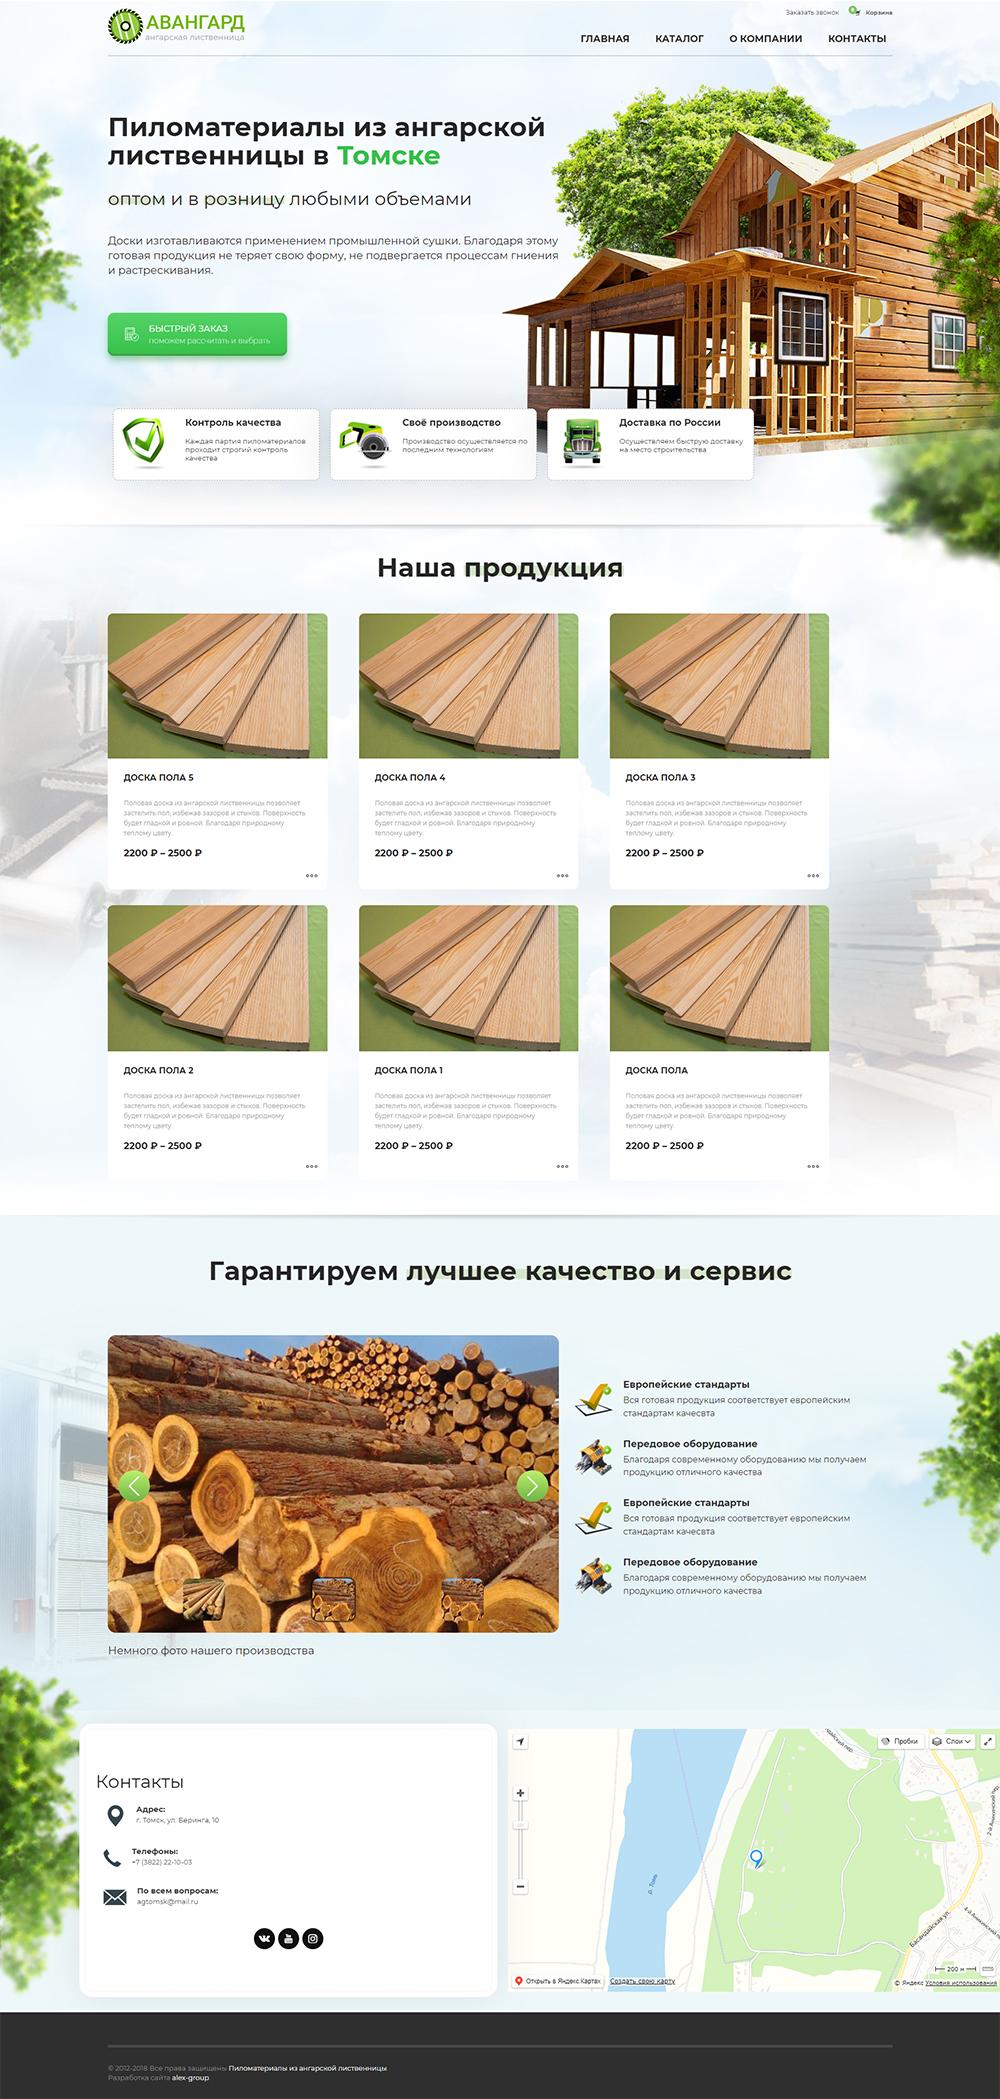 Сайт-каталог по продаже лиственницы